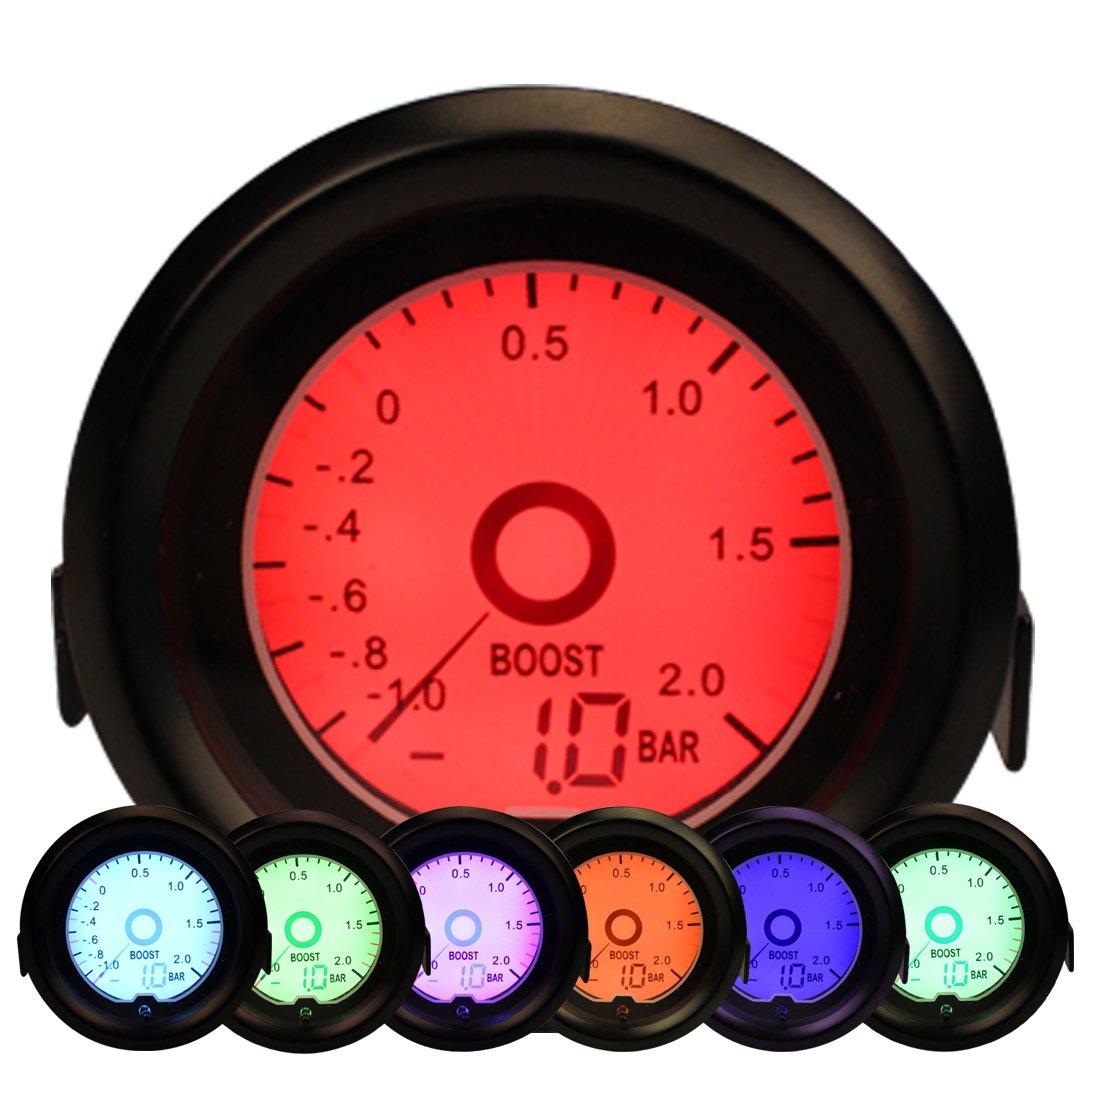 Medidor de medidor de Turbo Boost, Turbo Boost Gauge Meter con 7 colores de retroiluminación 52mm 2 para Auto Car Boat -1.0--2.0 Bar: Amazon.es: Coche y ...